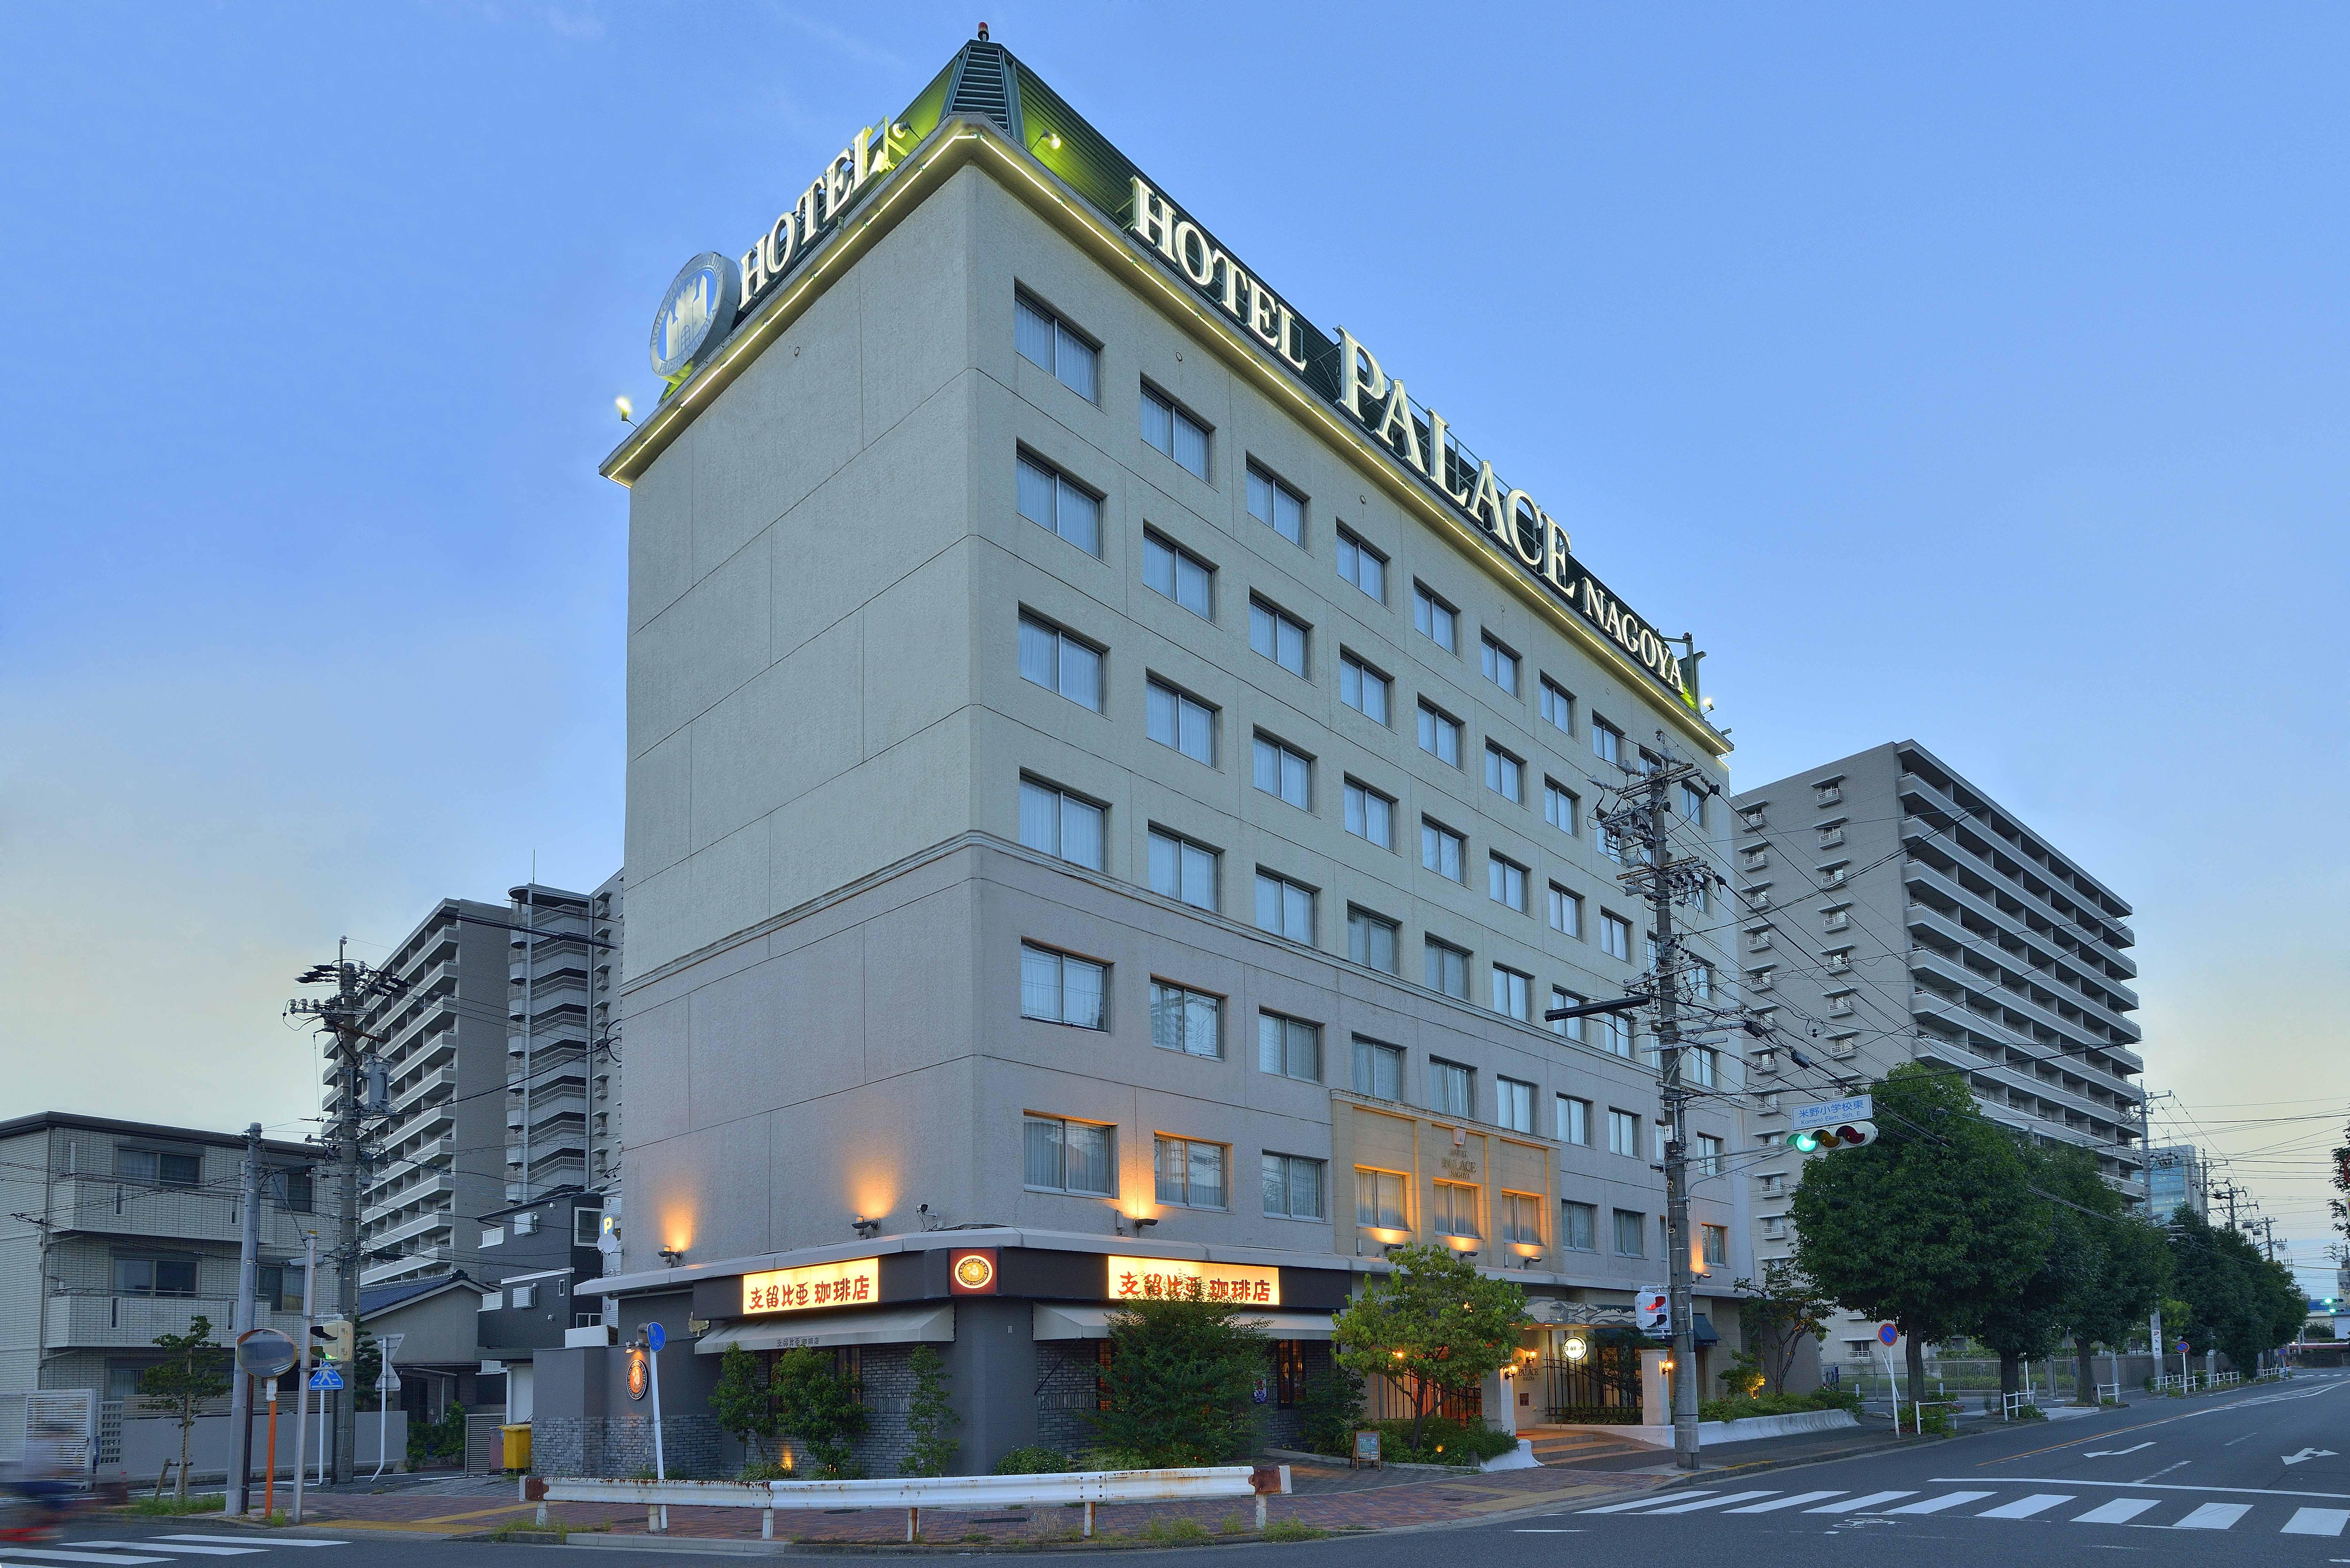 名古屋で2週間滞在できるビジネスホテル